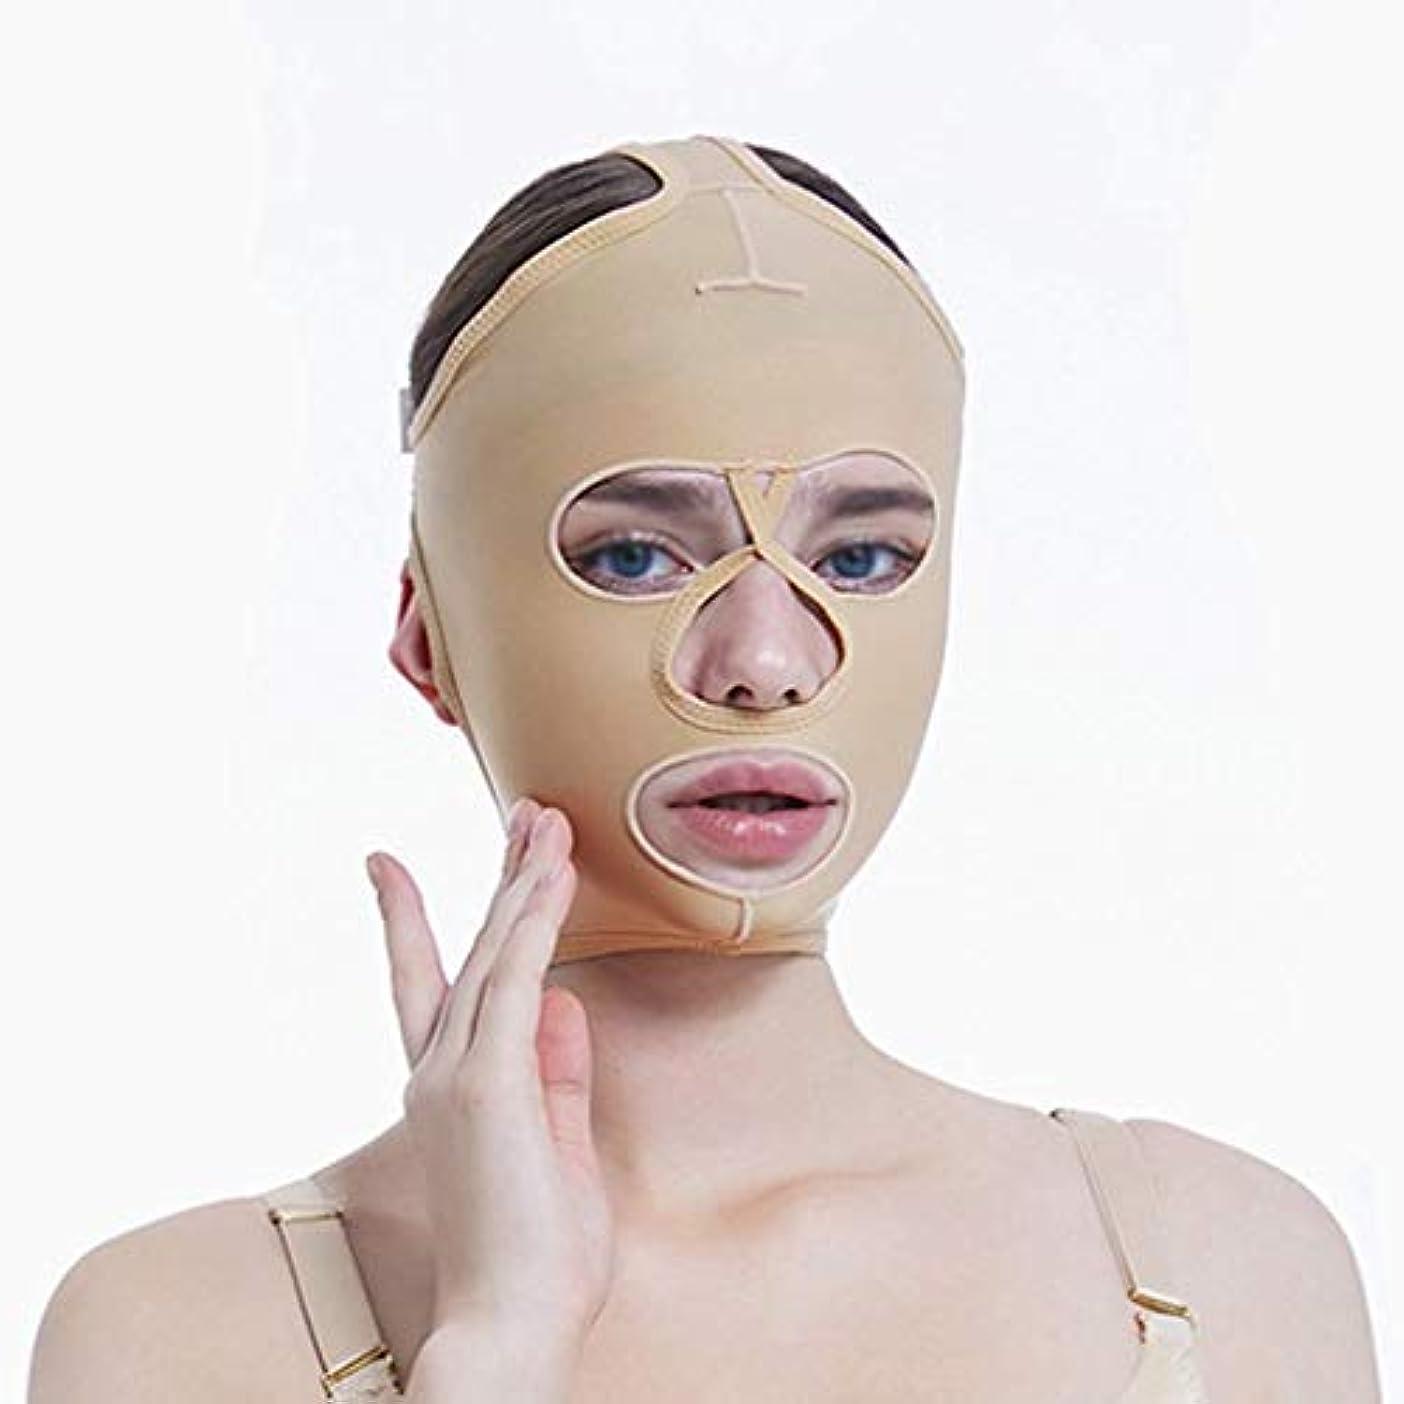 売上高それによって早めるチンリフティングベルト、超薄型ベルト、引き締めマスク、包帯吊り、フェイスリフティングマスク、超薄型ベルト、通気性(サイズ:L),M